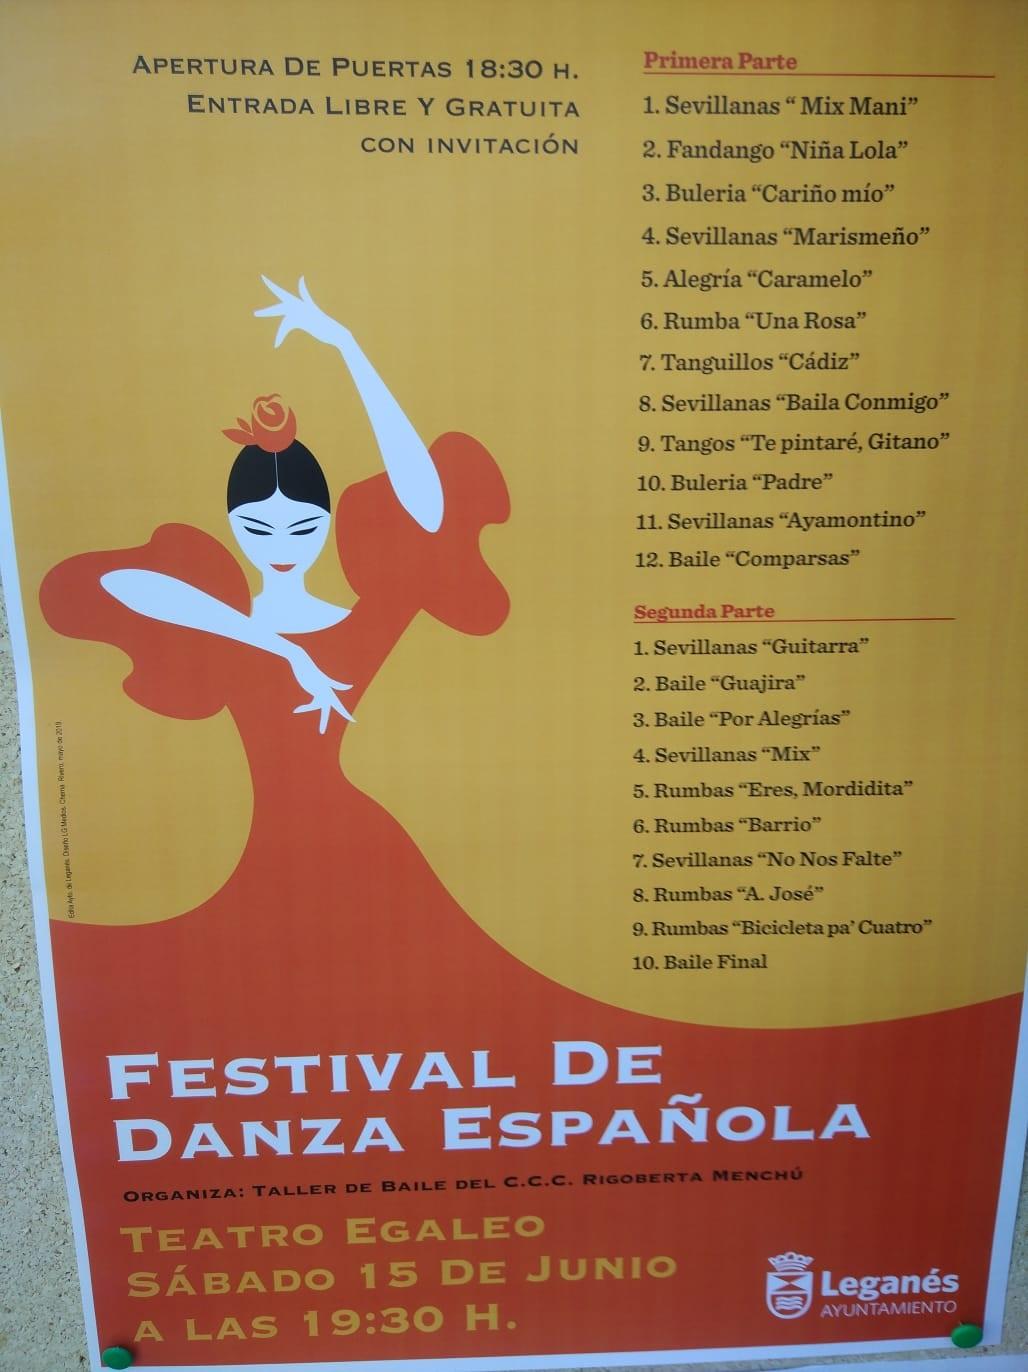 Festival de danza española